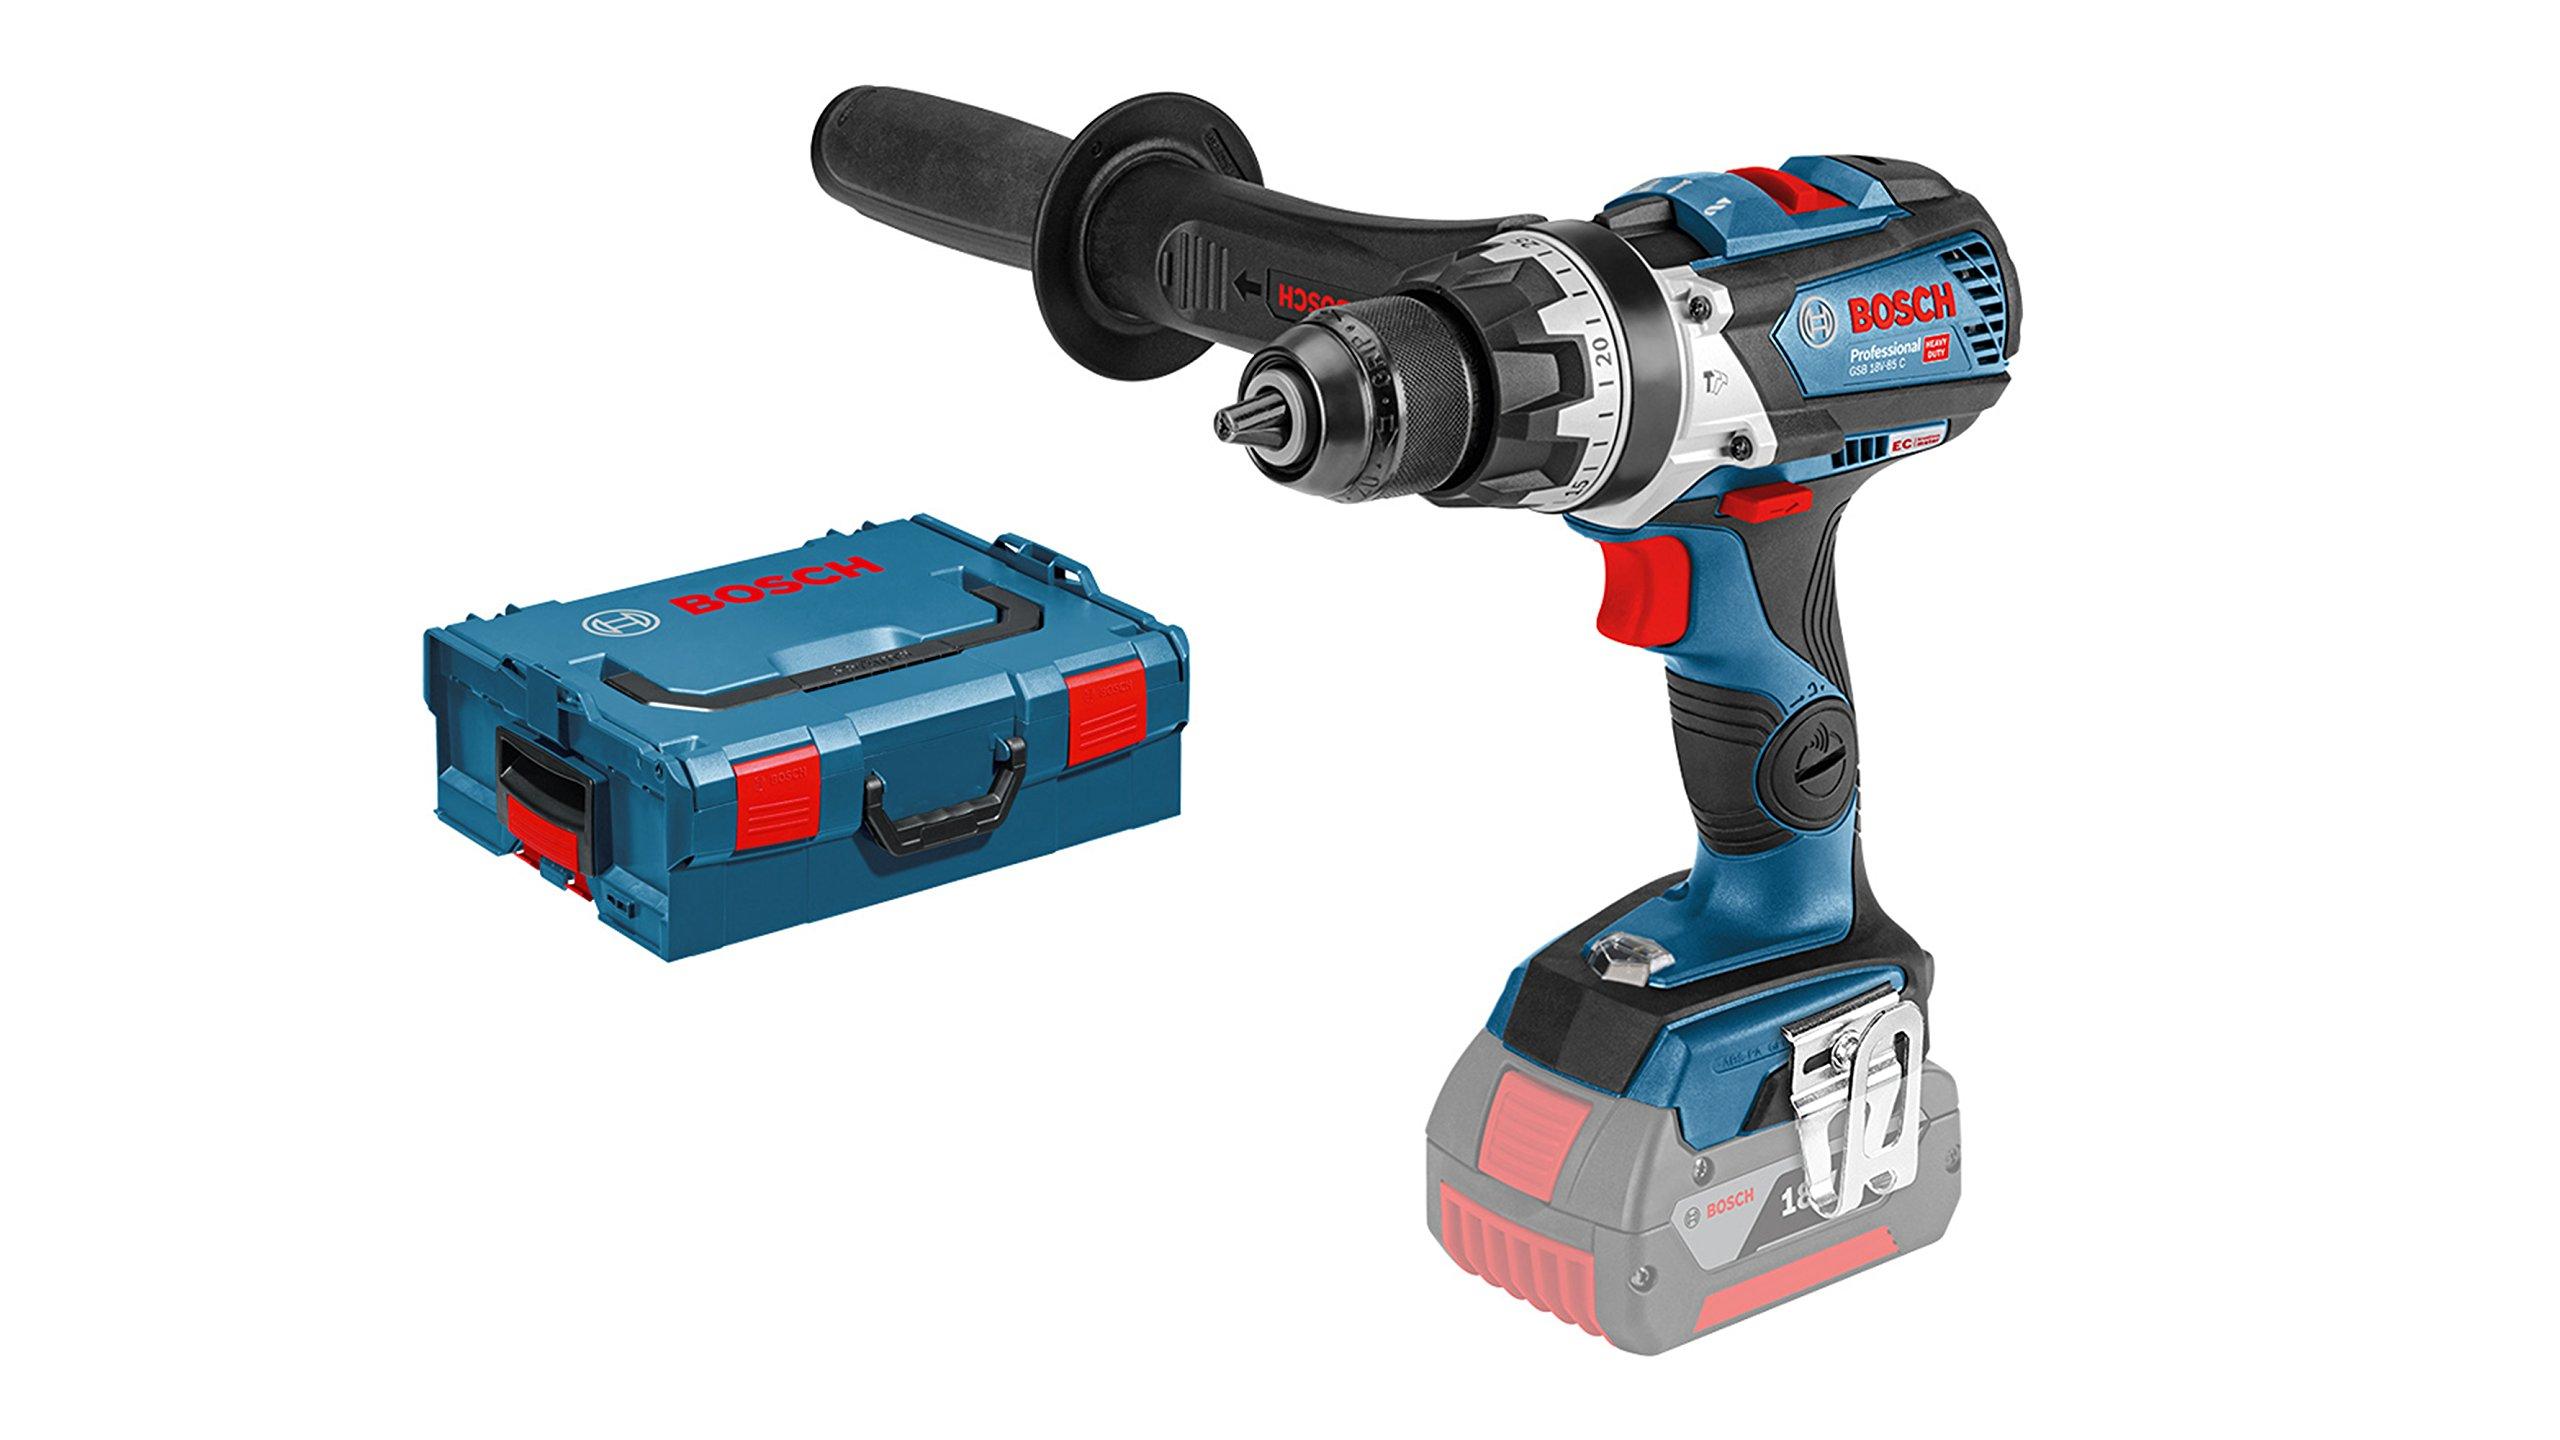 Bosch-Professional-Akku-Schlagbohrschrauber-GSB-18-V-85-C-ohne-Akku-18-Volt-Schrauben–max-12-mm-in-L-BOXX